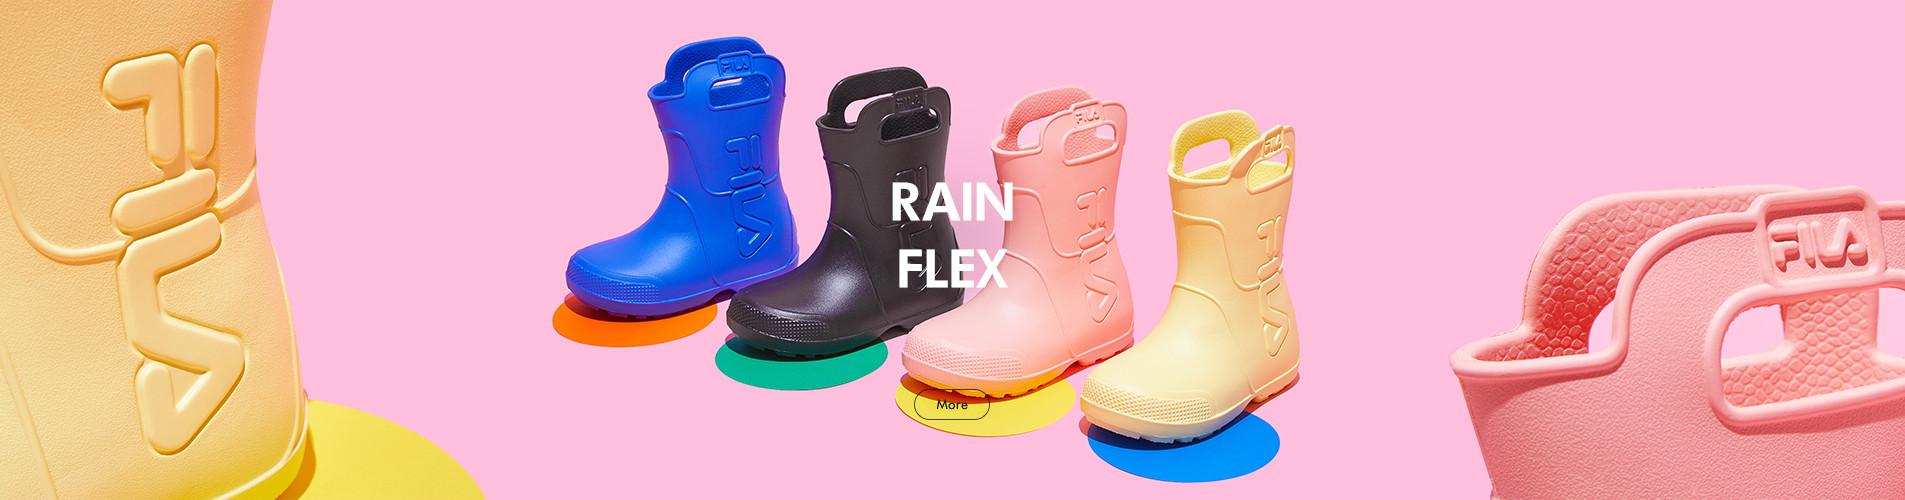 RAIN FLEX